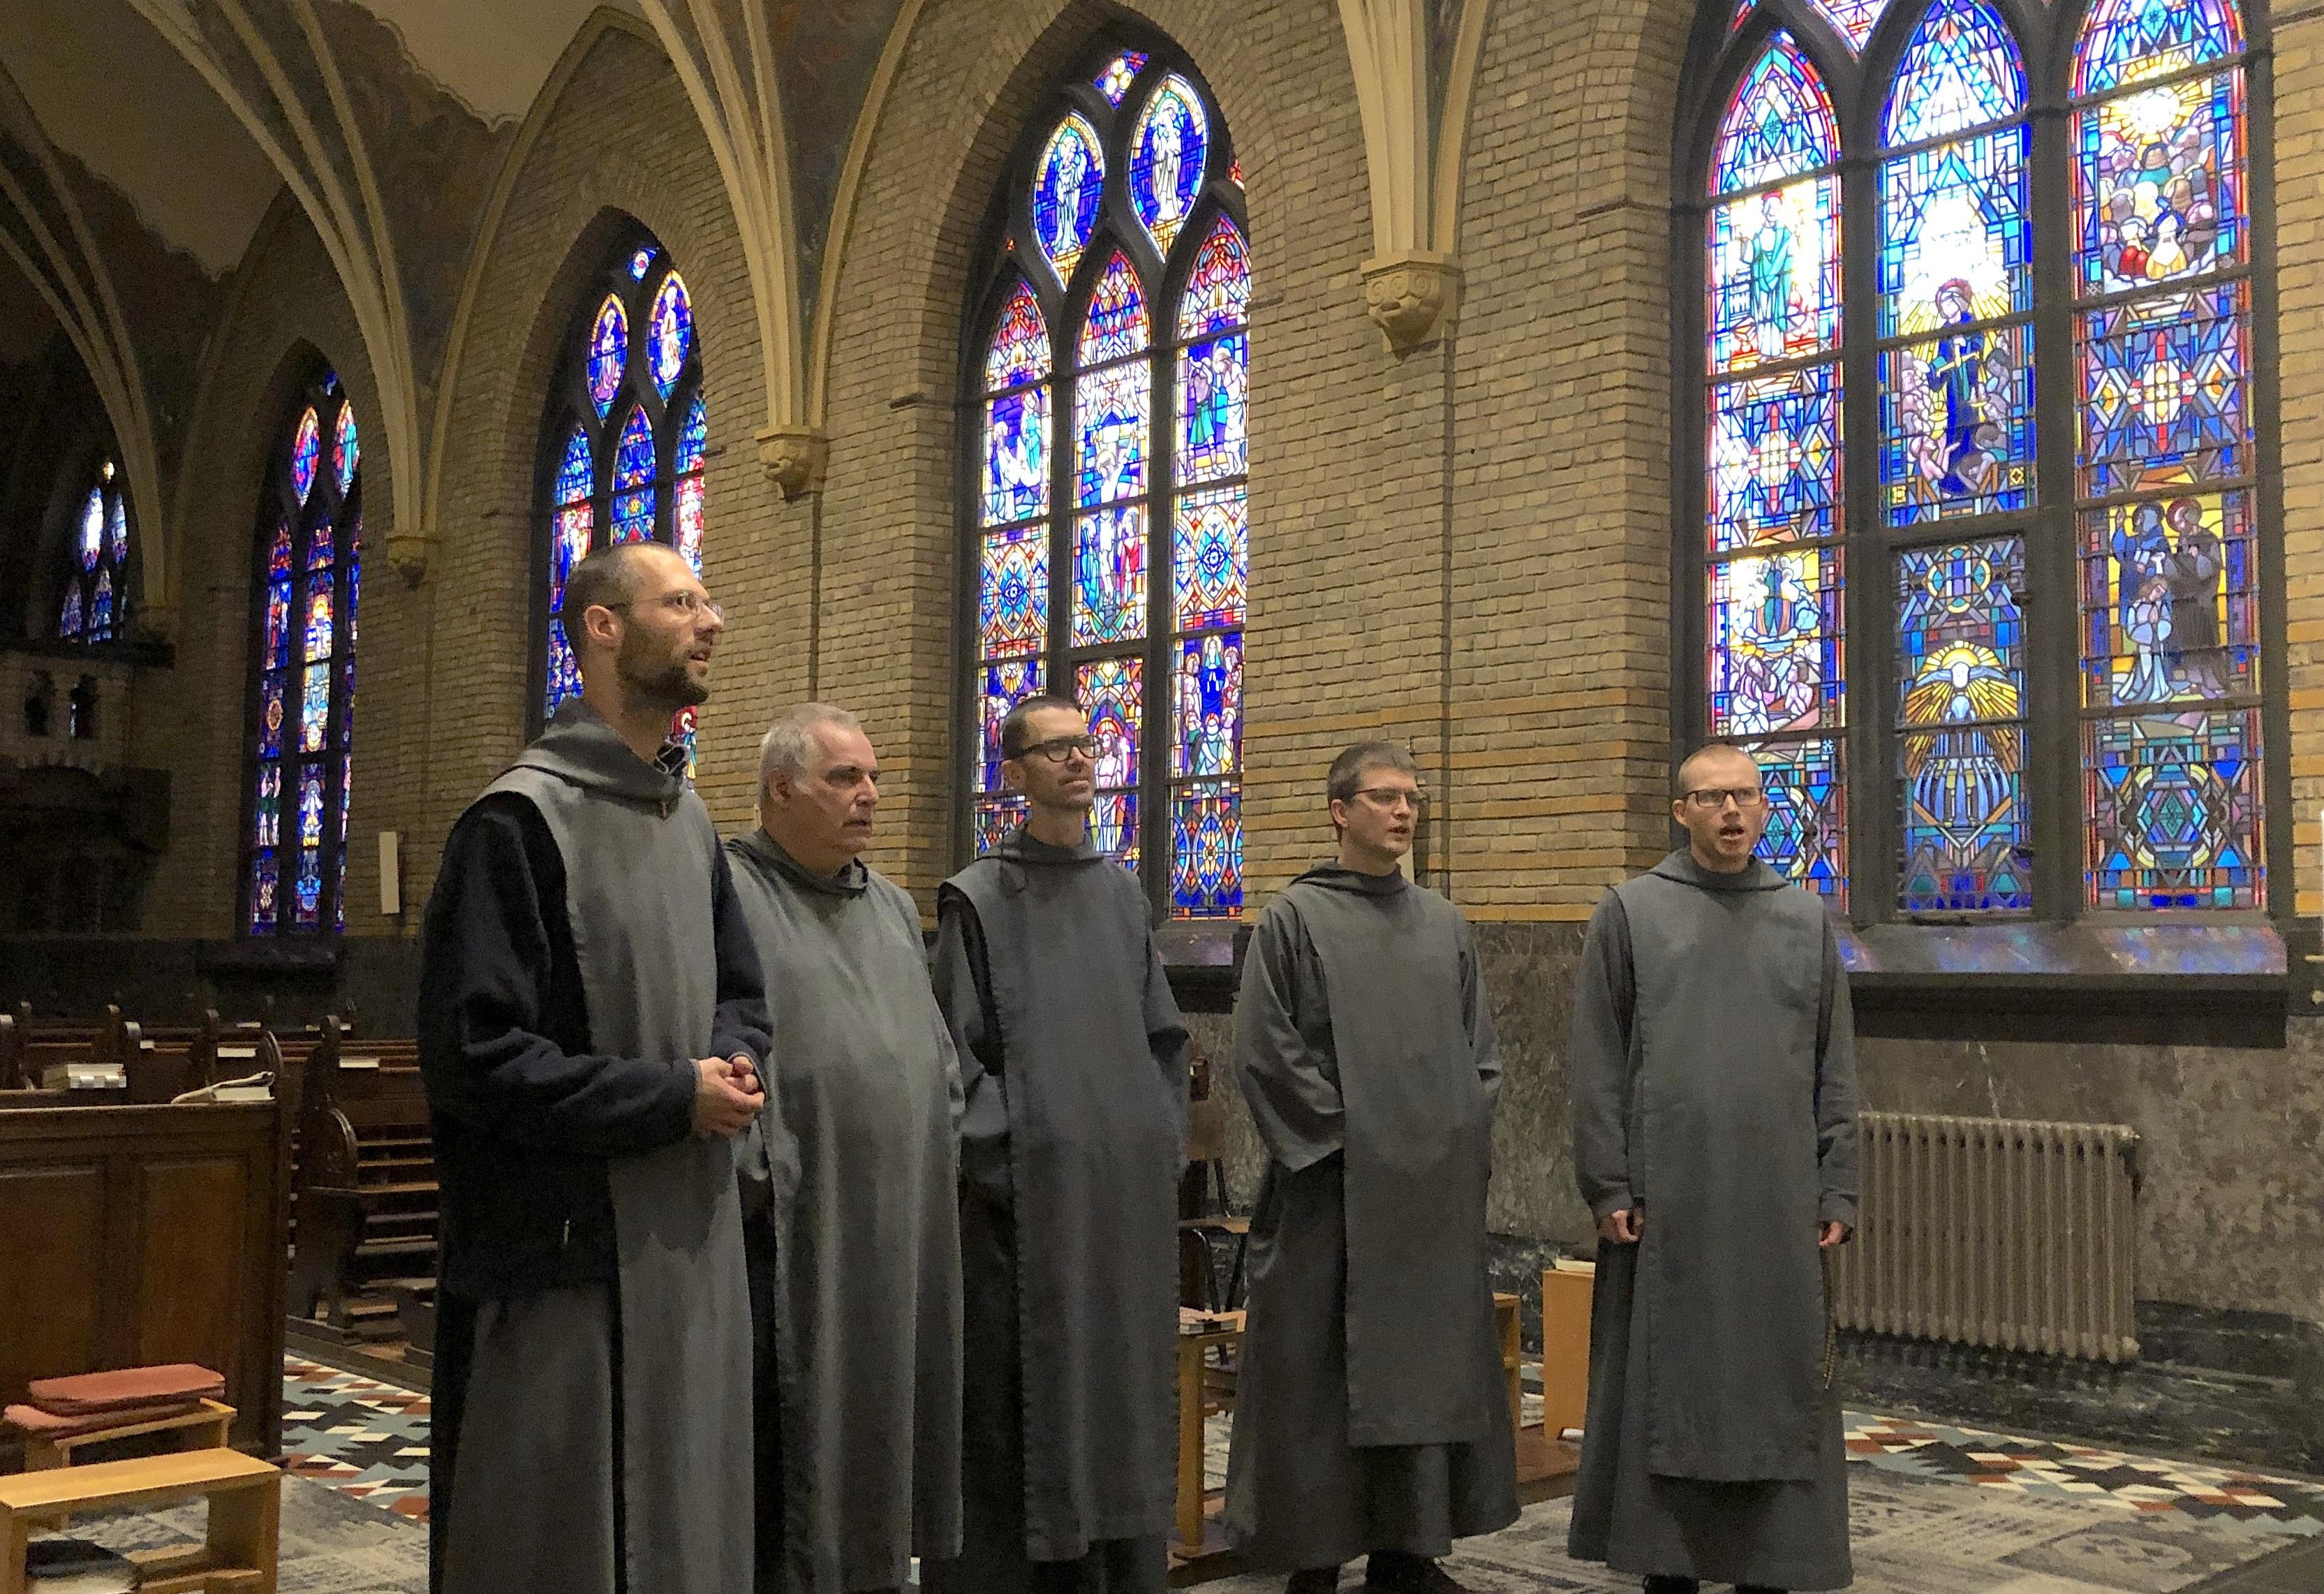 Broeders in Den Haag